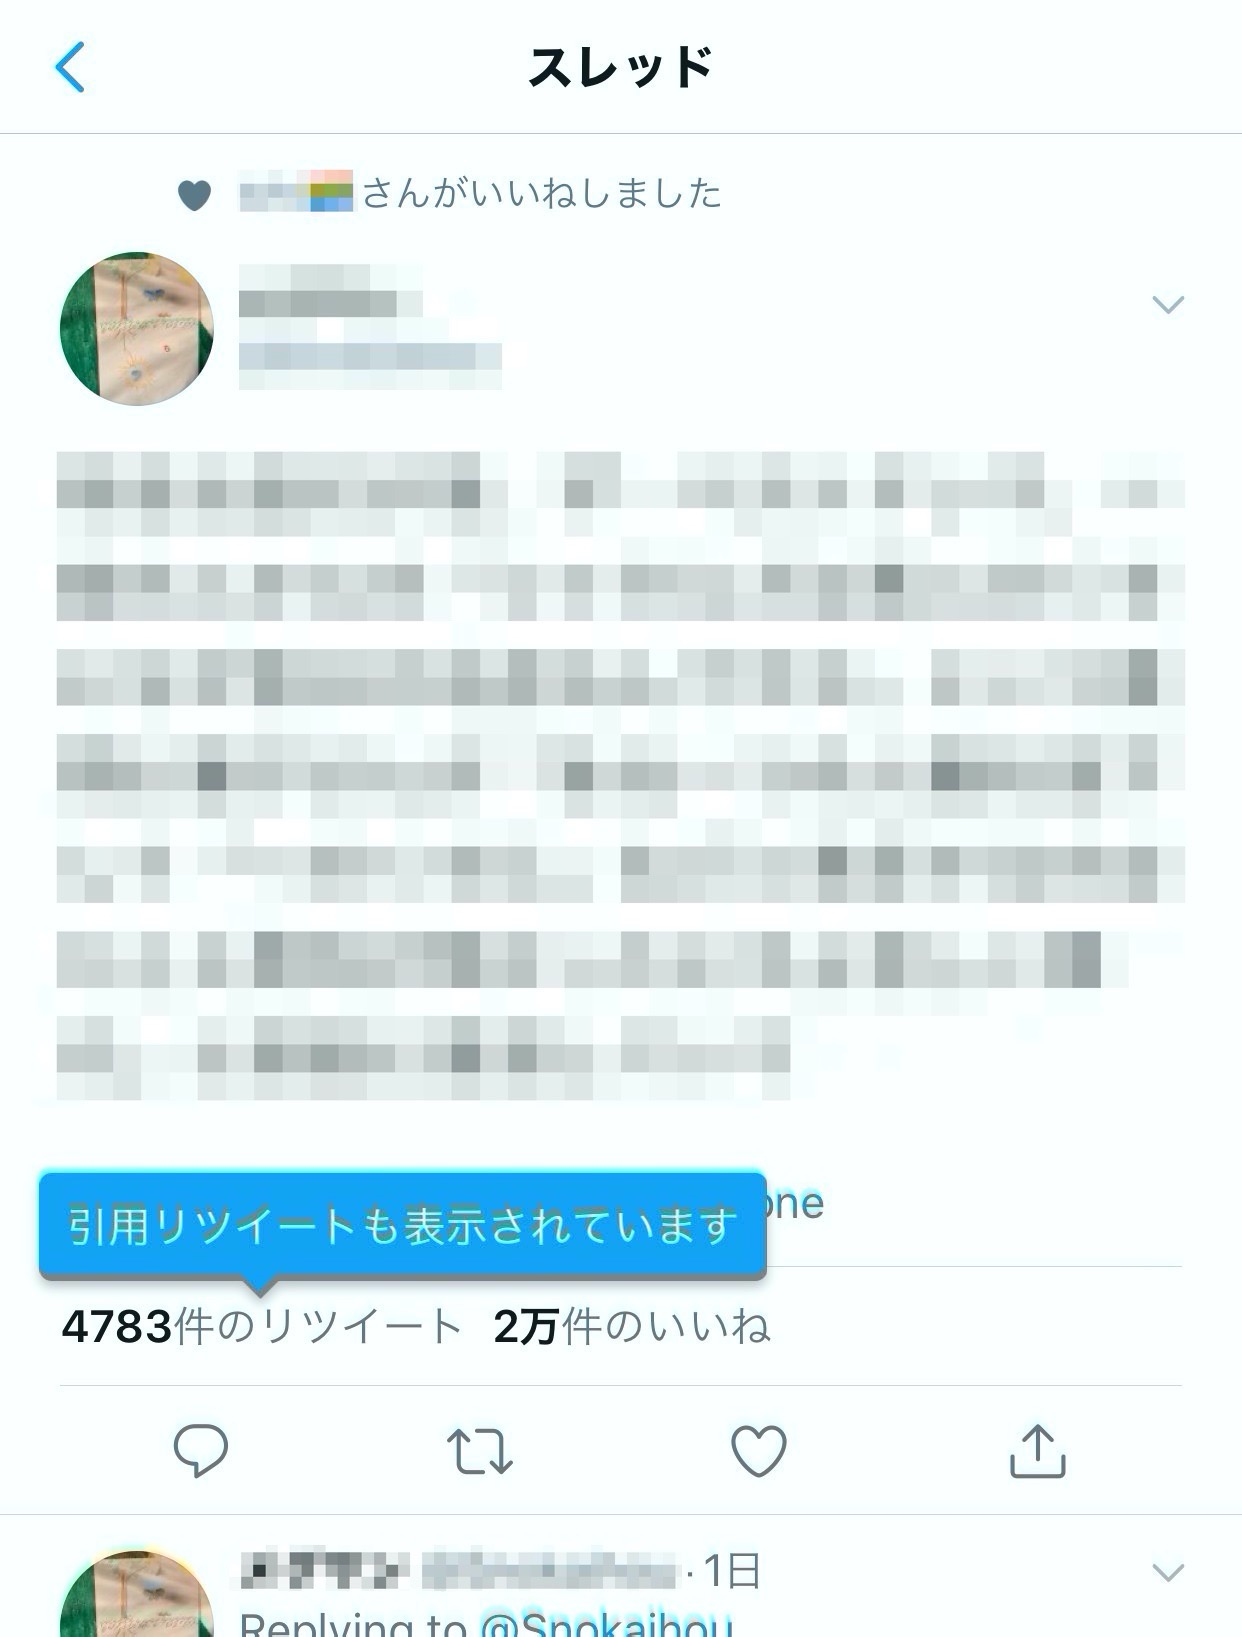 【Twitter】「リツイート」コメントあり/なしで分けて表示可能に【引用リツイート】